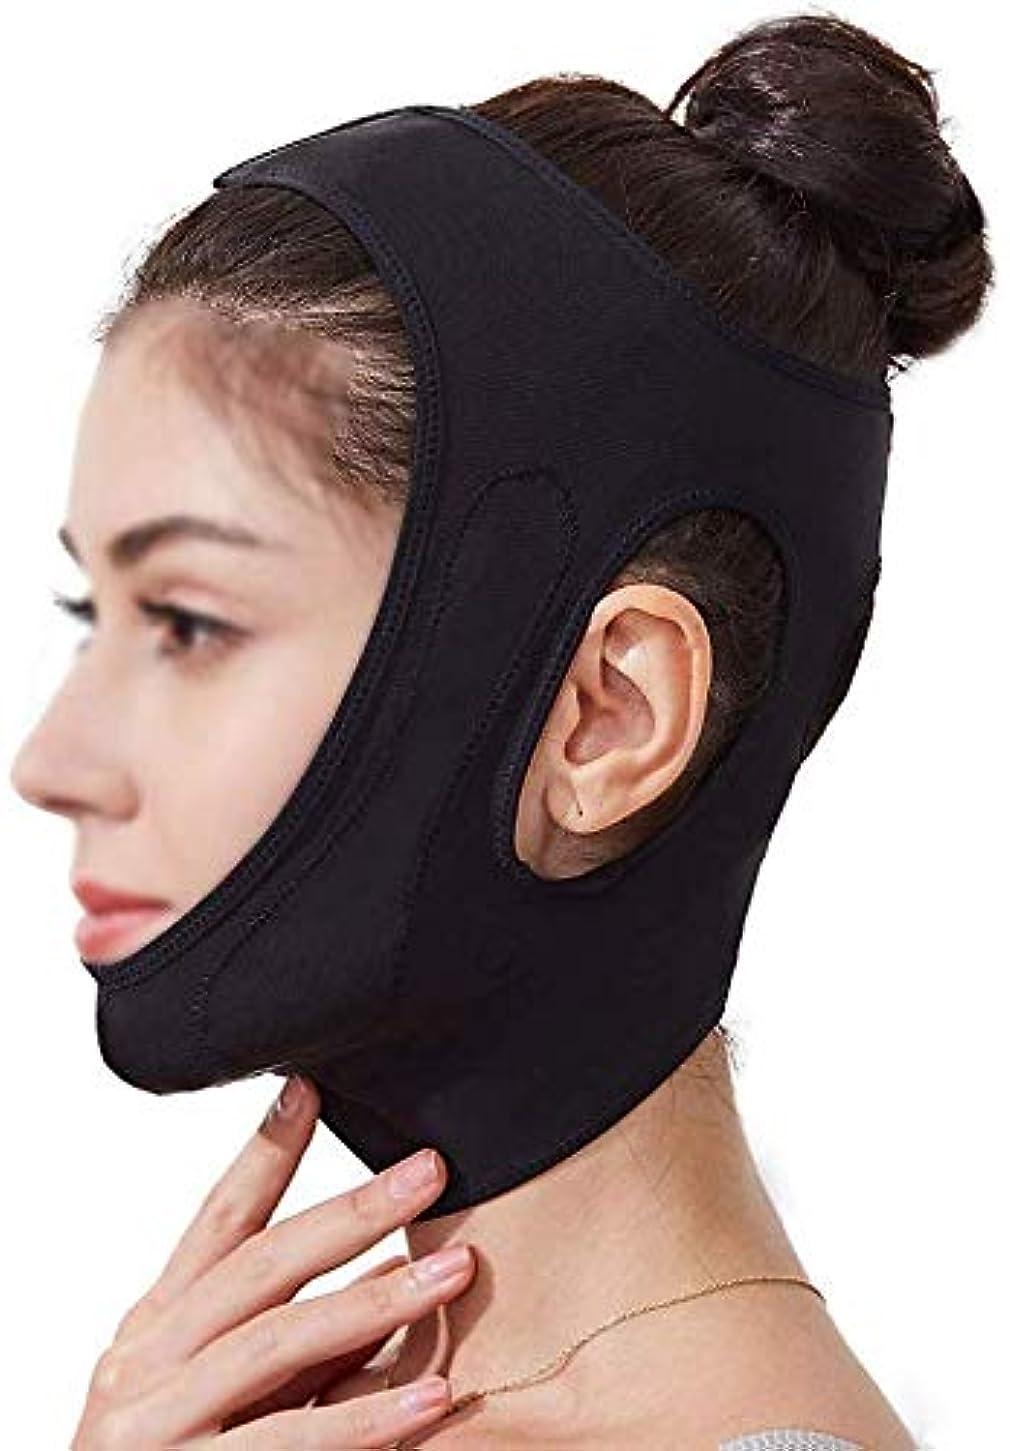 不従順石膏非効率的な美容と実用的なフェイスリフティングバンデージ、顔の頬のV字型リフティングフェイスマスクアンチシワ低減ダブルチン快適な包帯で小さなVフェイスを作成(色:黒)